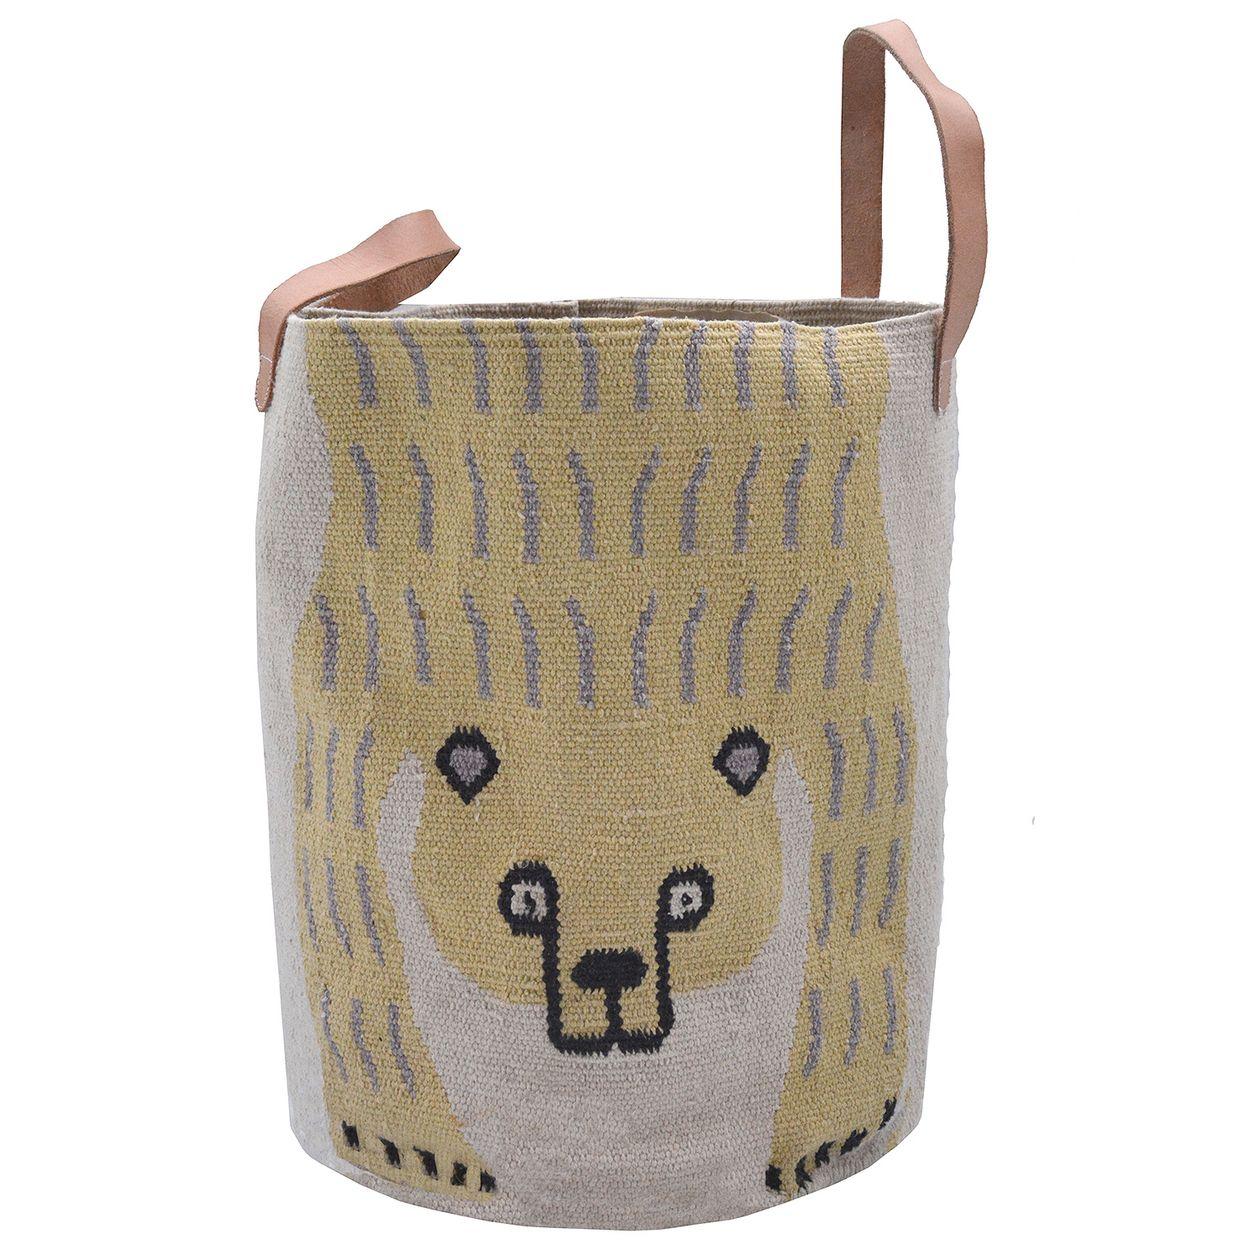 MUM's Bear basket